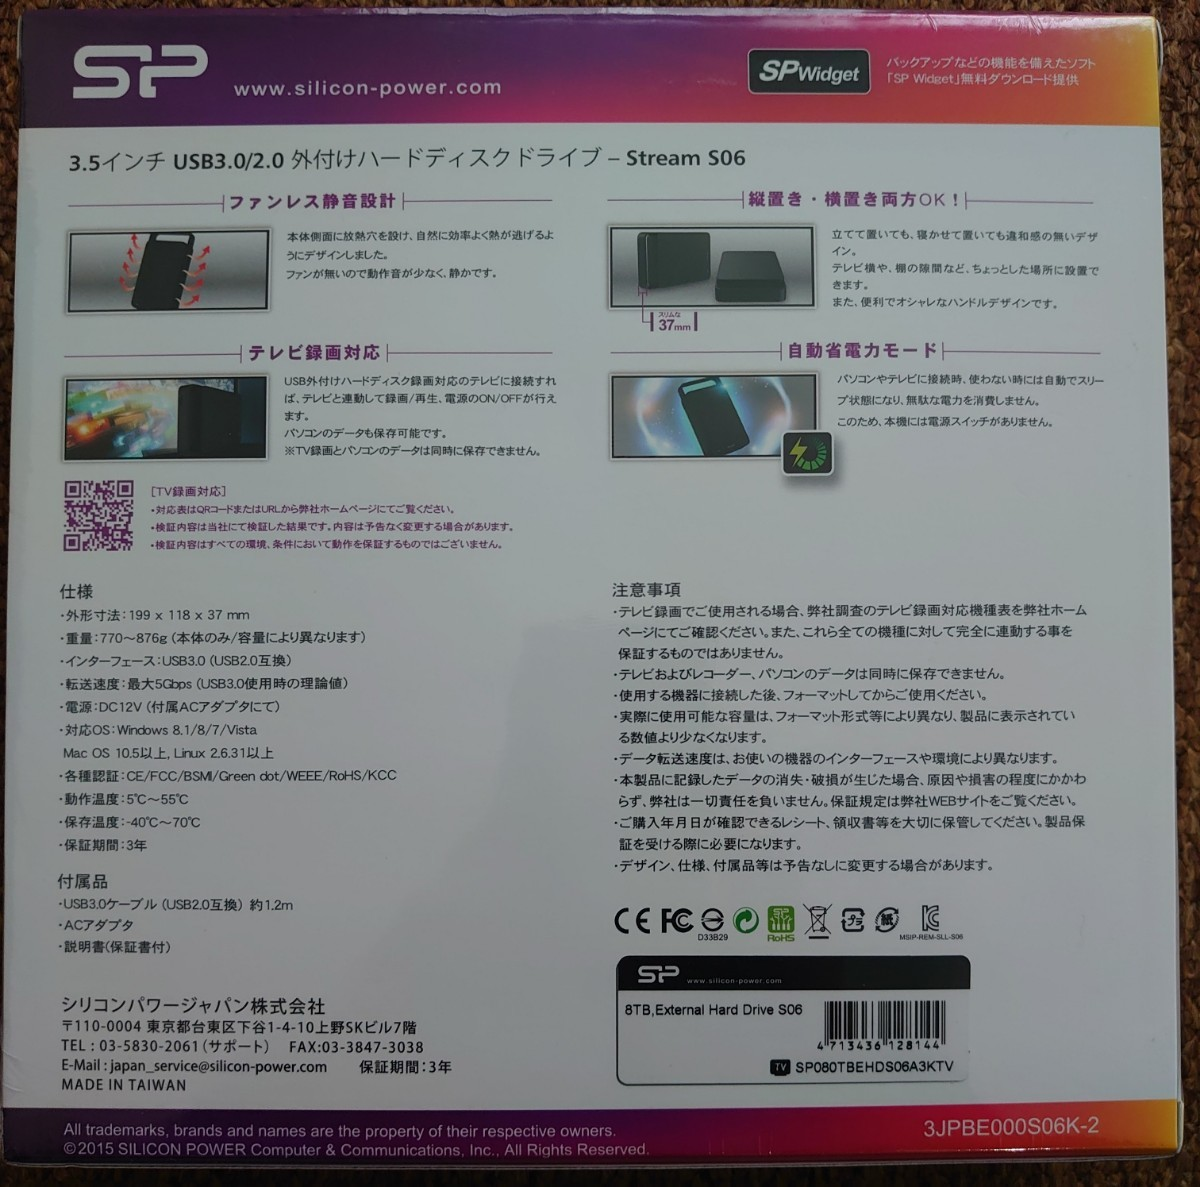 【新品】シリコンパワー 外付けハードディスク Stream S06